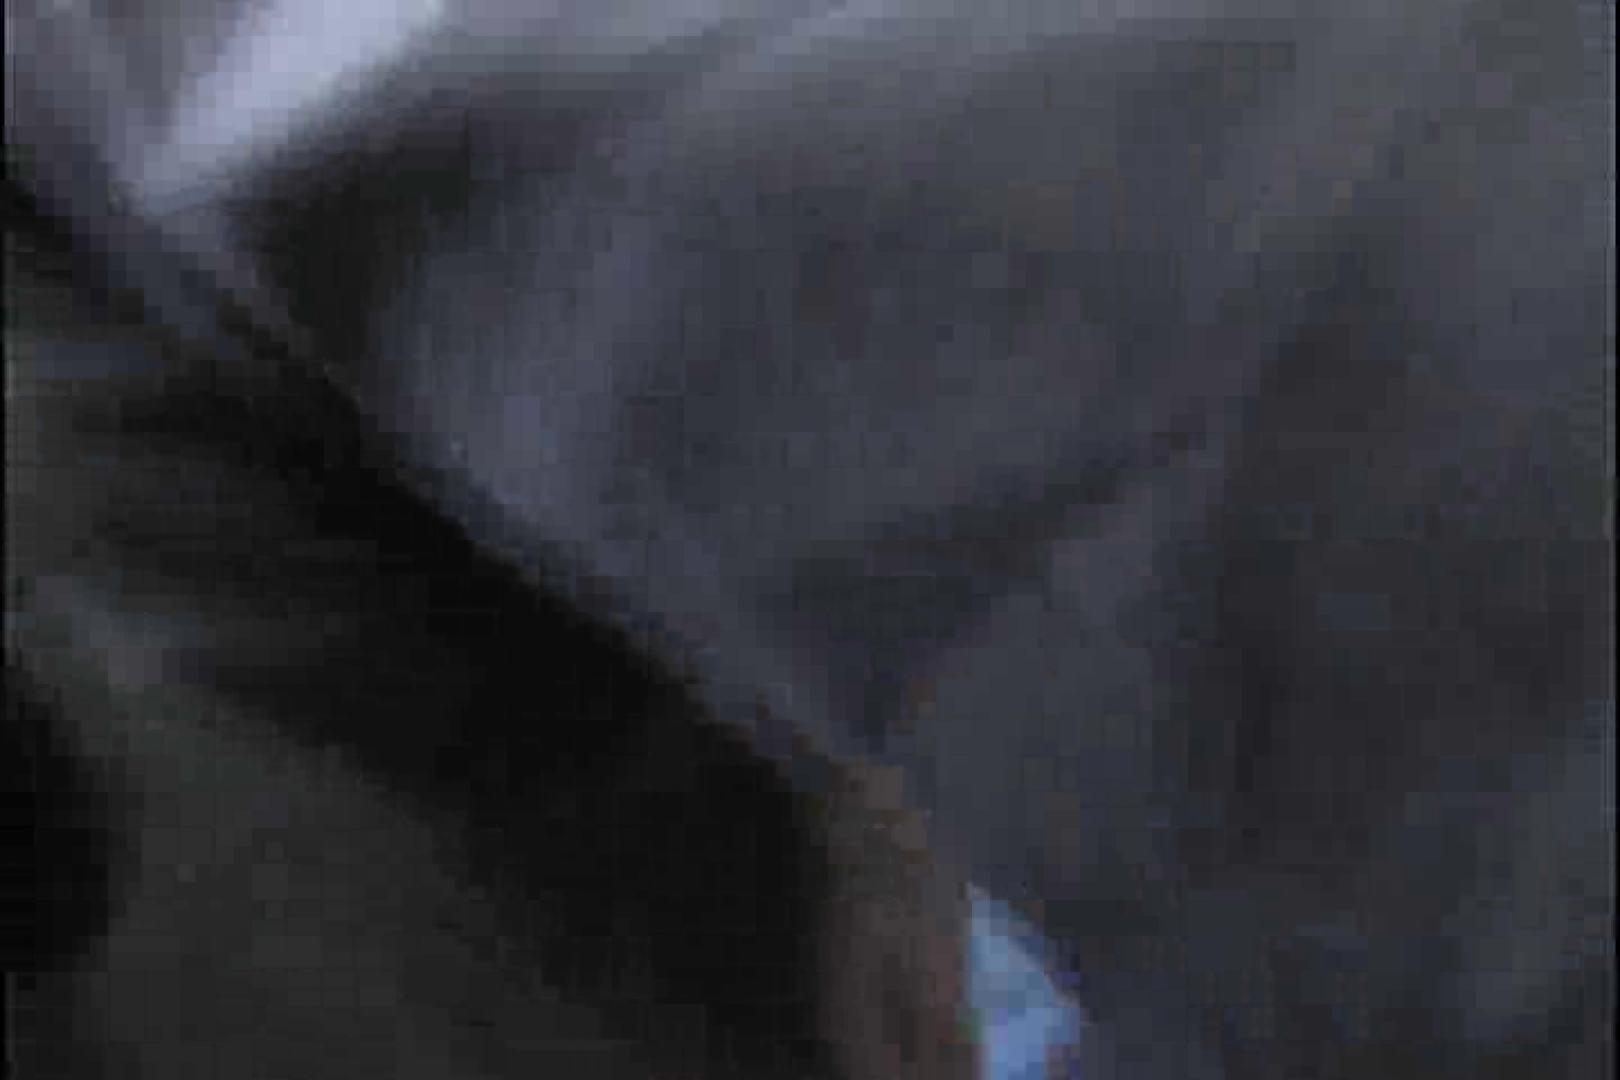 RQカメラ地獄Vol.12 OL女体  67連発 15